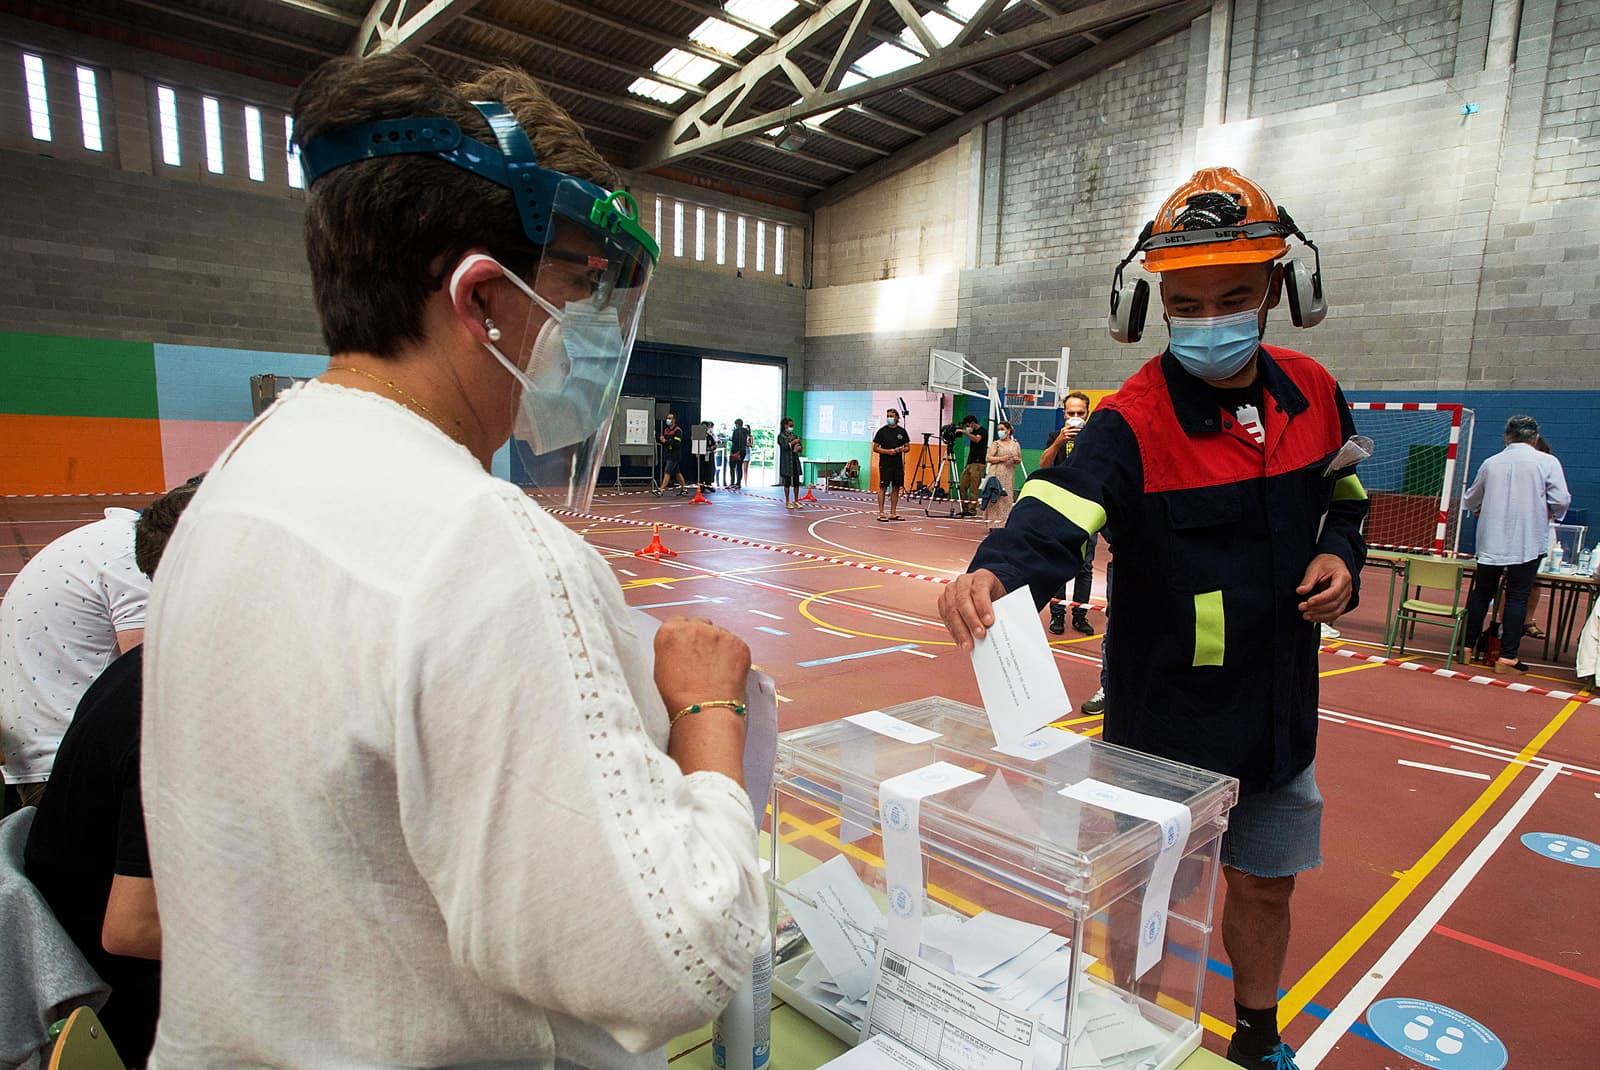 Eleccions a Galícia, el 12 de juliol, sota els efectes del coronavirus. Fotografia de Carlos Castro. ZUMA Press.